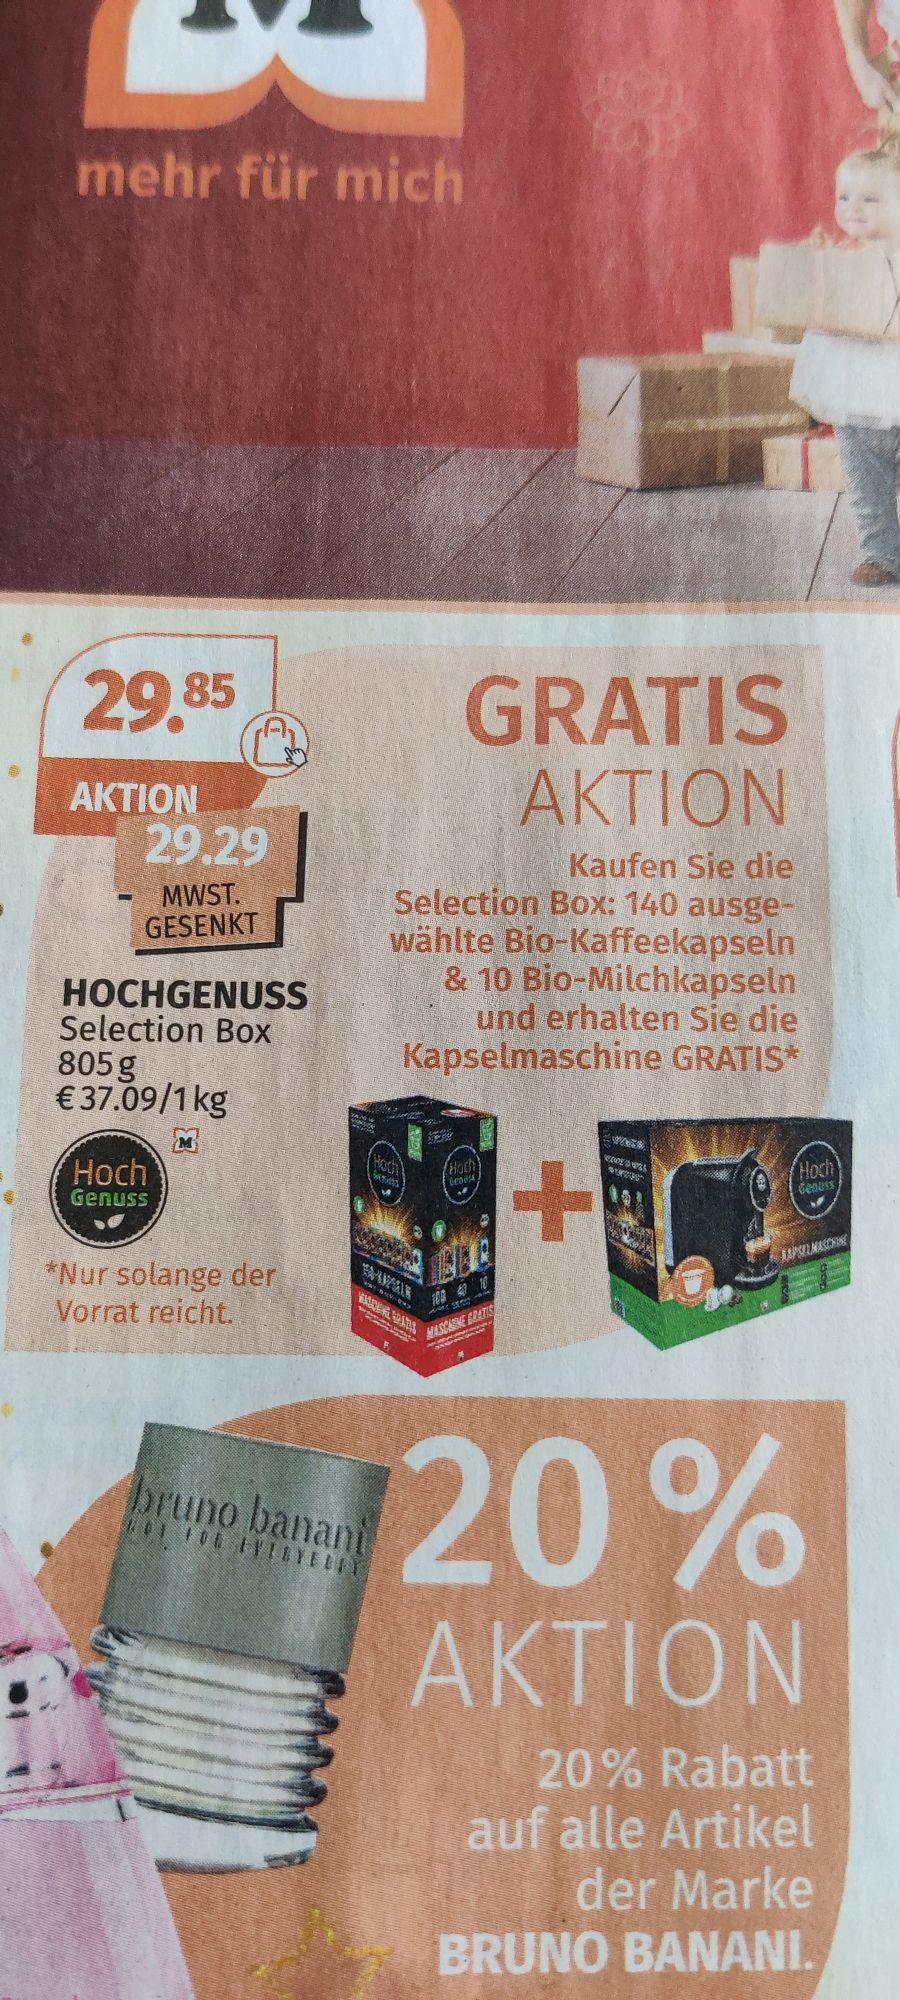 Gratis Kaffee-Kapsel Maschine beim Kauf der Hochgenuss-Selection Box